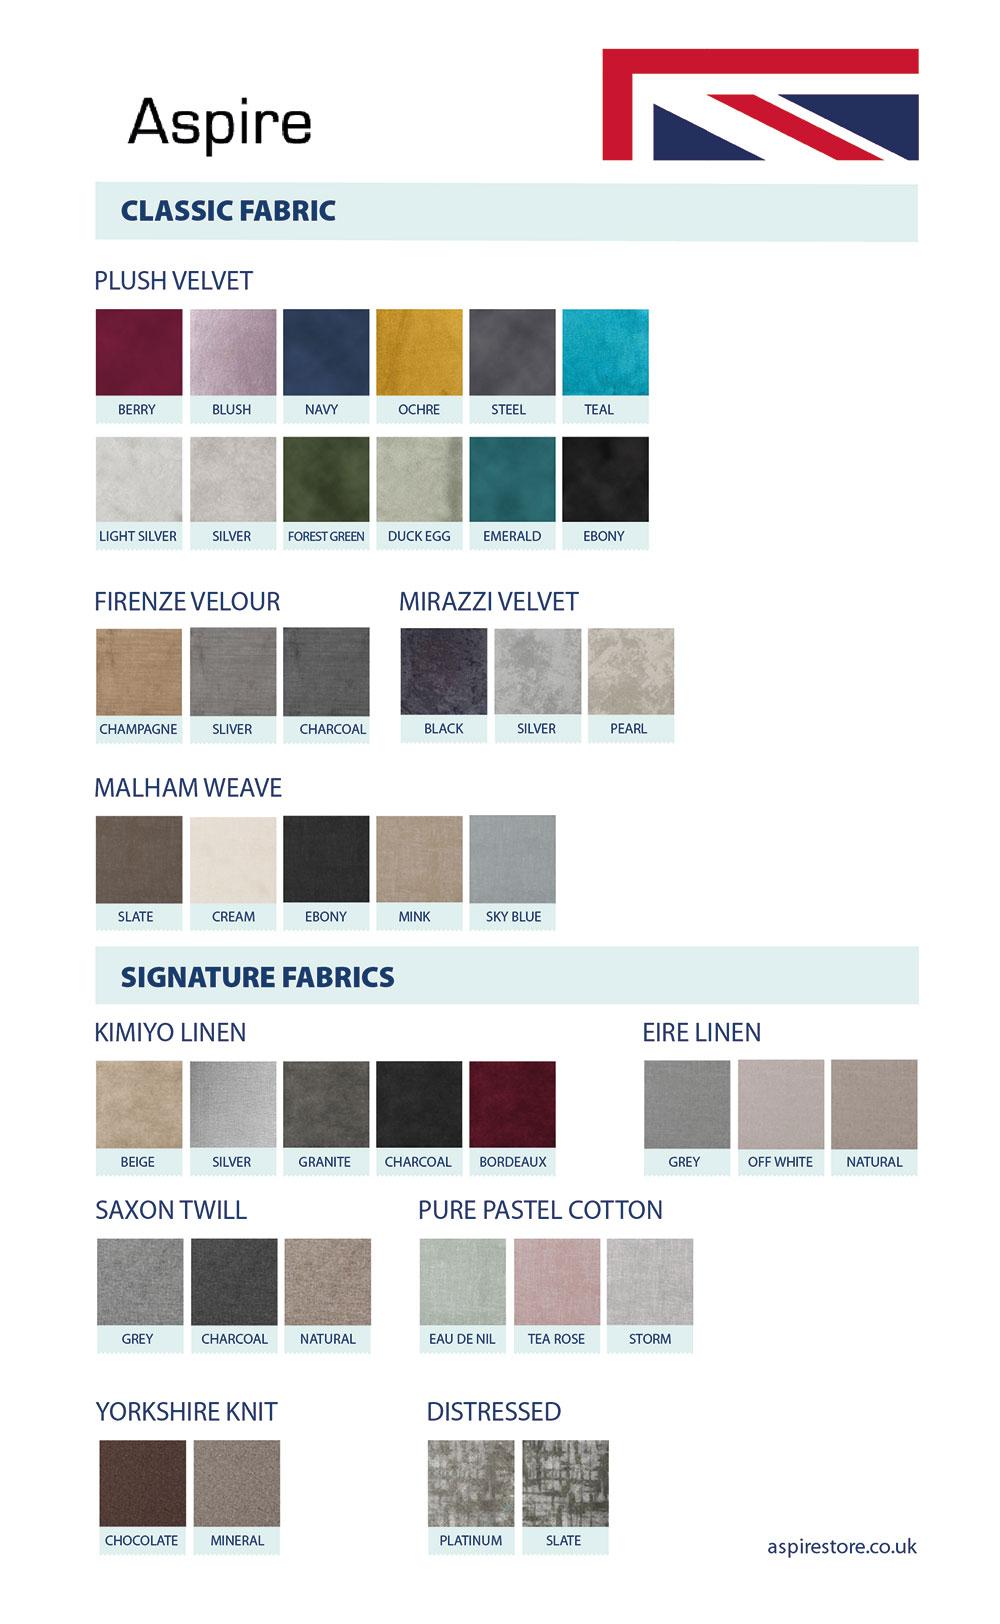 Aspire-fabric-chart.jpg